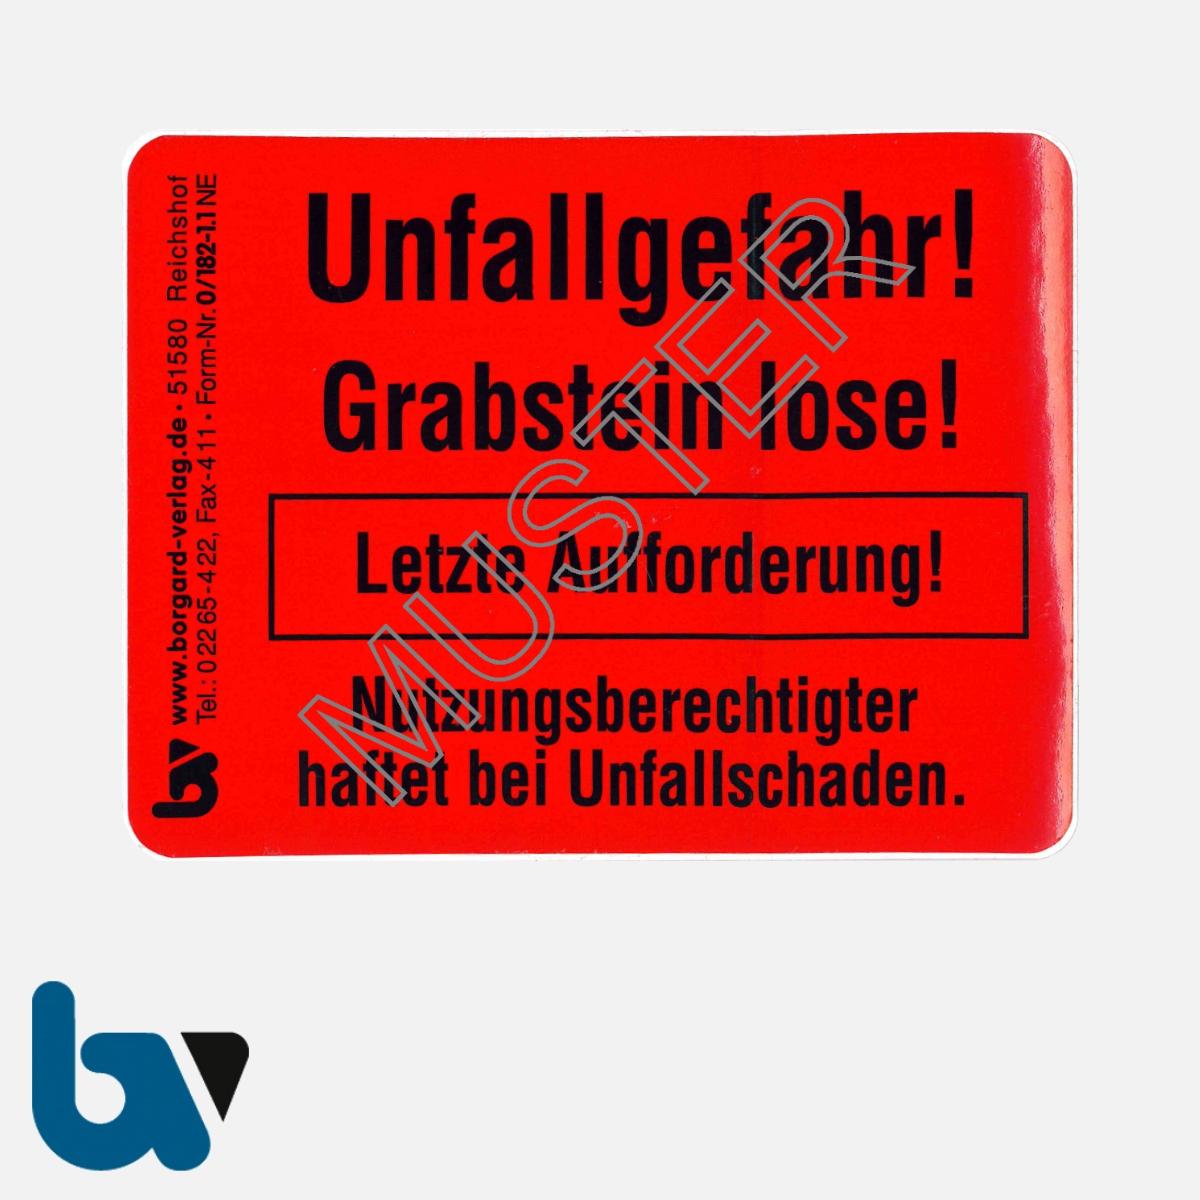 0/182-1.1 Grab Aufkleber Unfallgefahr Grabstein lose letzte Aufforderung standsicher Friedhof Verwaltung rot PVC Folie selbstklebend | Borgard Verlag GmbH